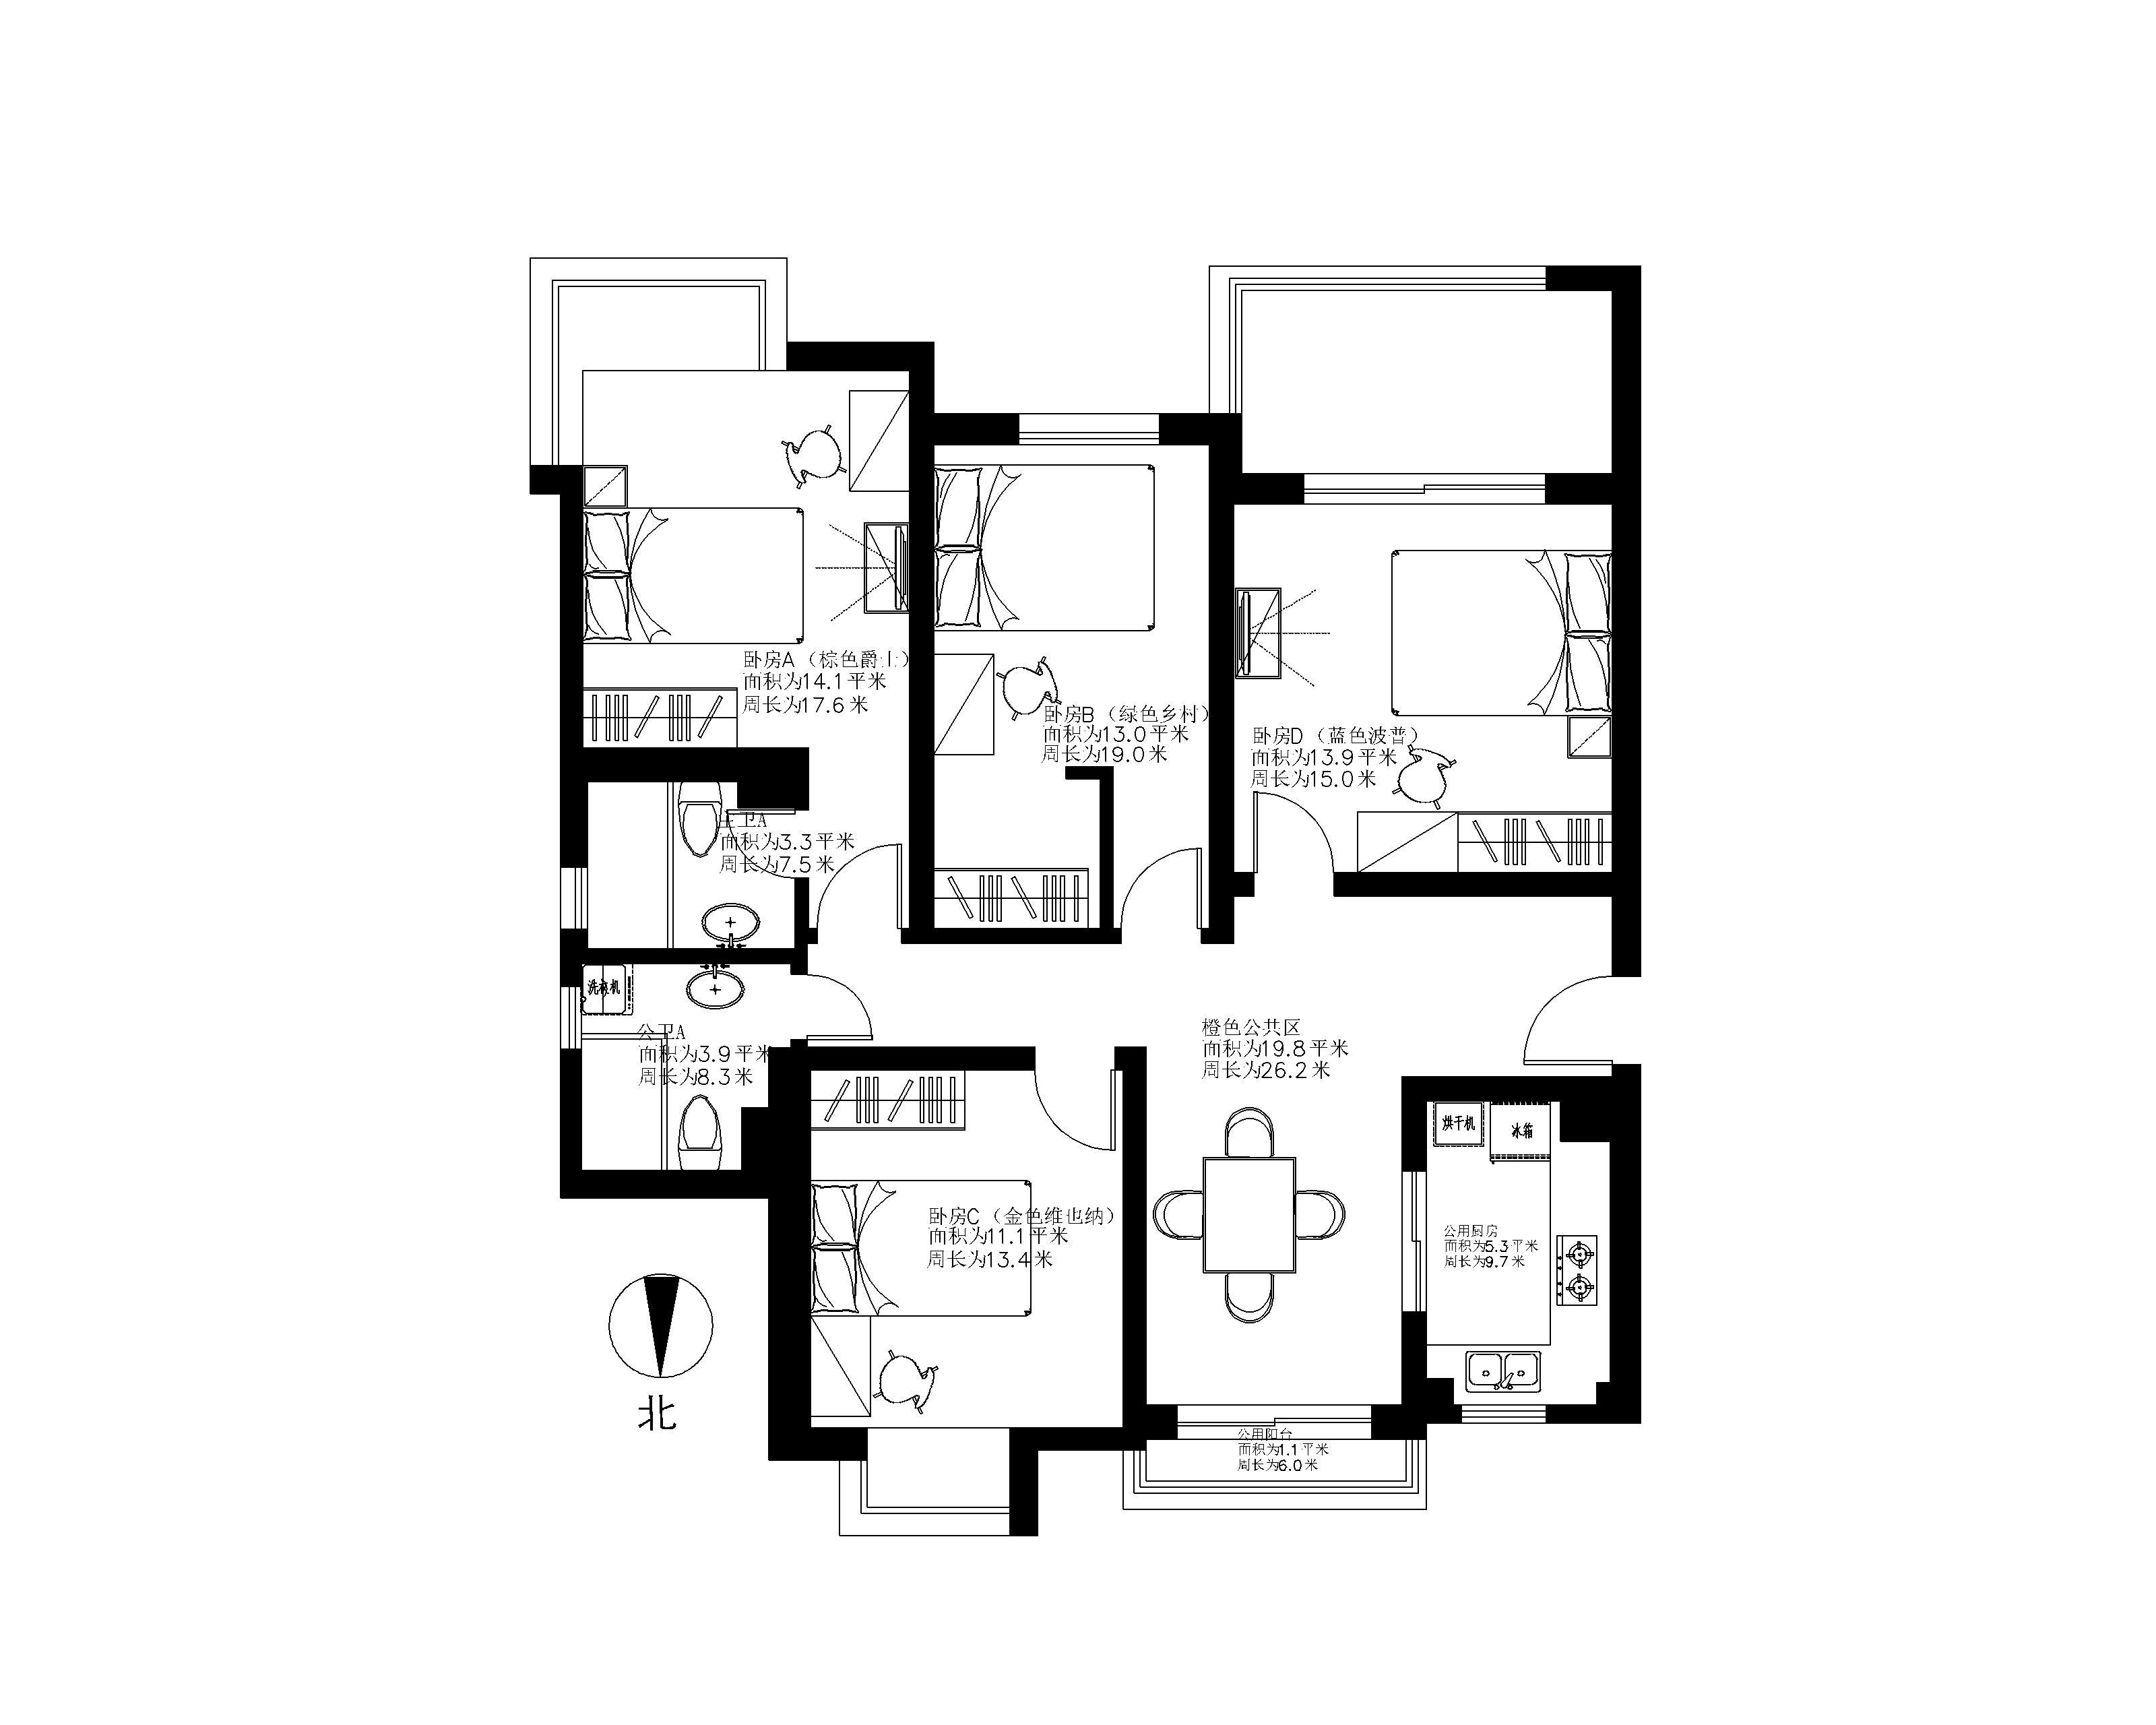 13米11米房屋设计图纸展示